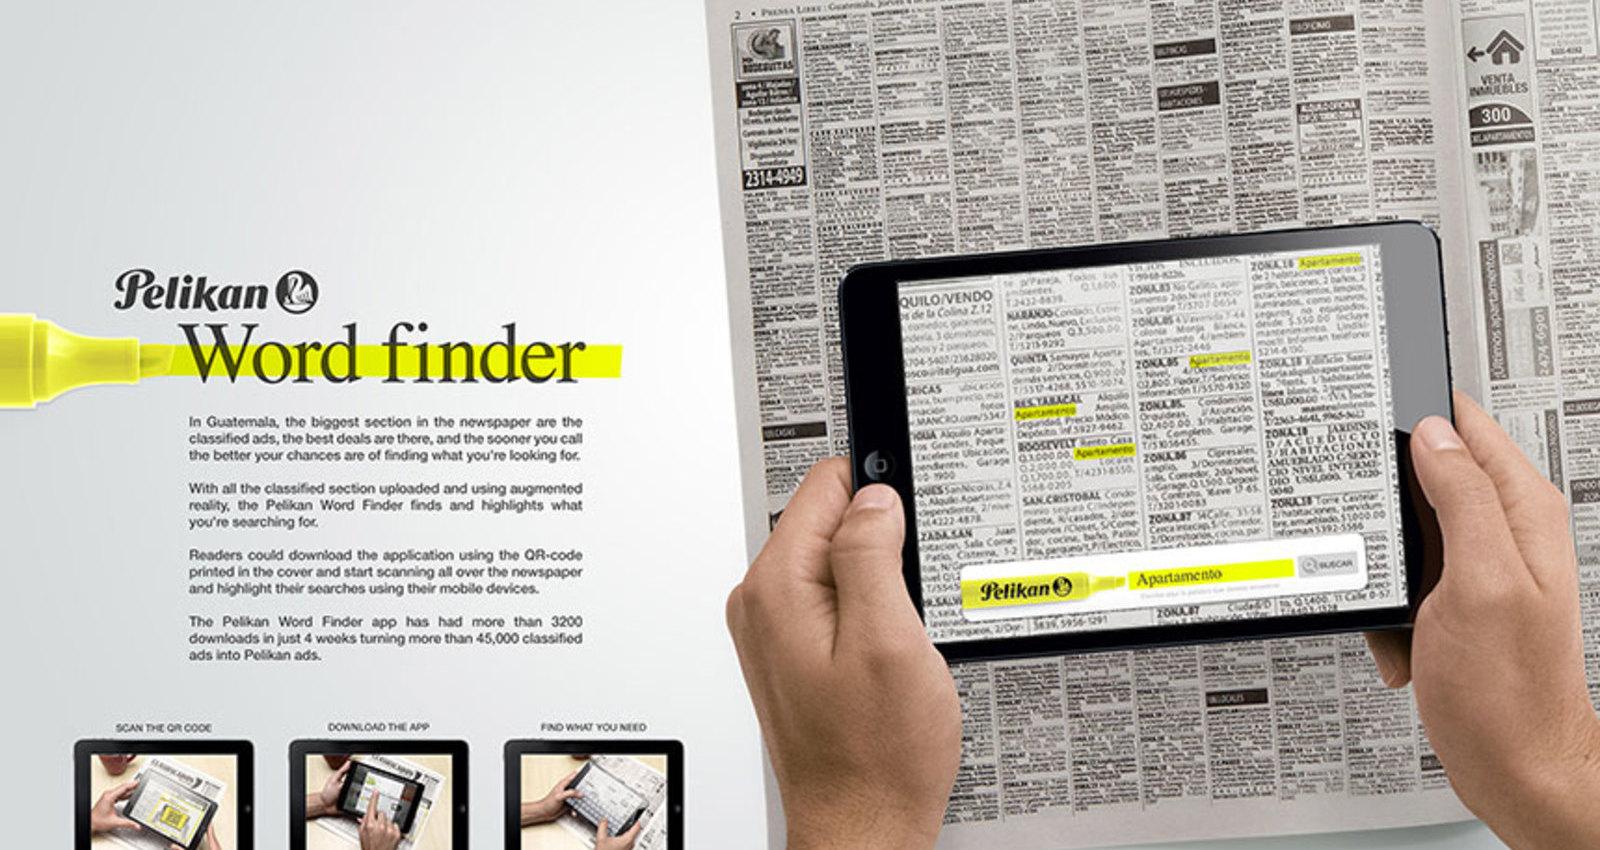 Pelikan Word Finder